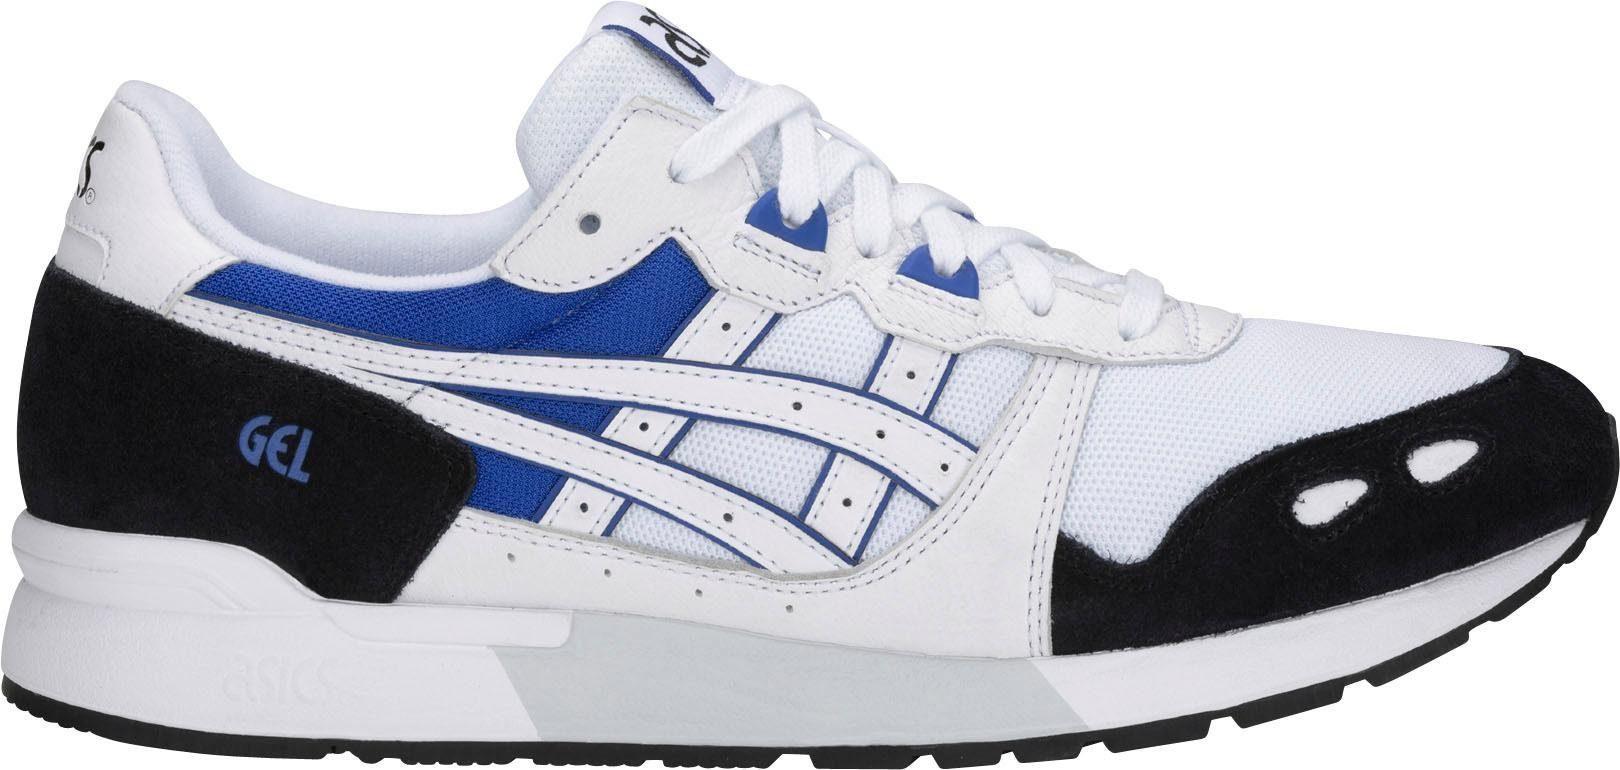 ASICS tiger »GEL LYTE H« Sneaker, Weiches Obermaterial aus Textil online kaufen | OTTO